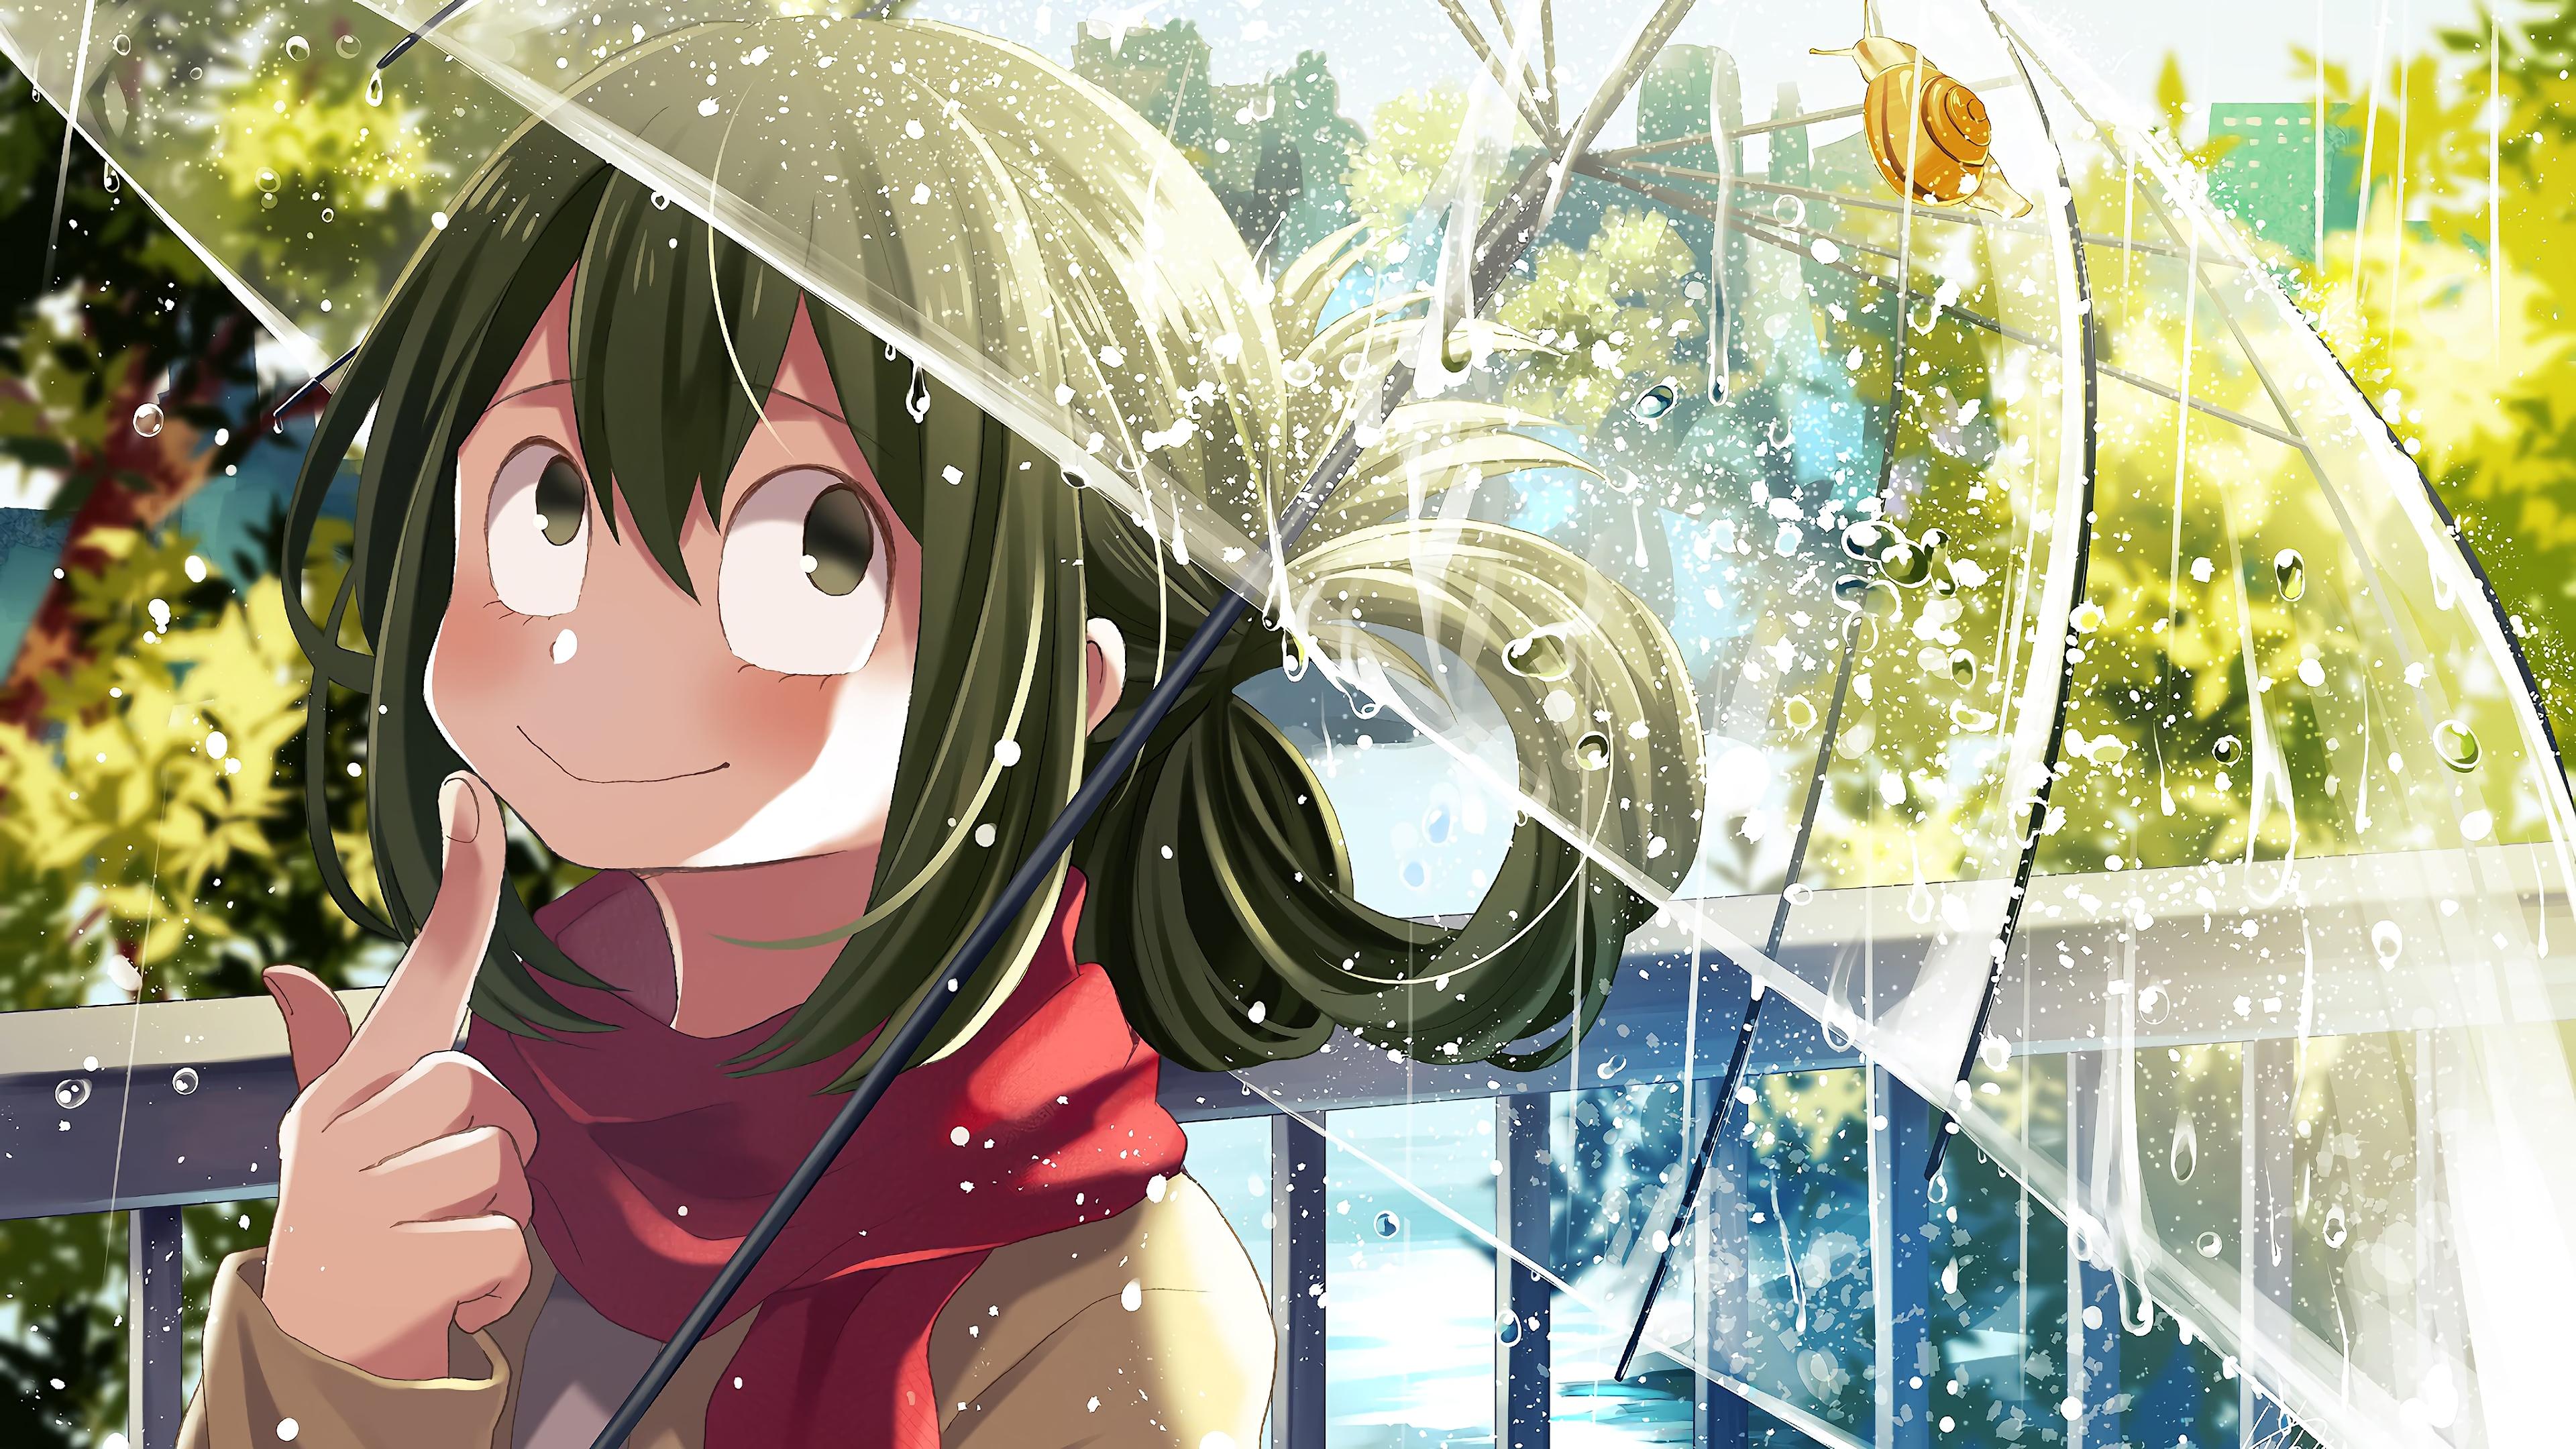 Boku no Hero background 11